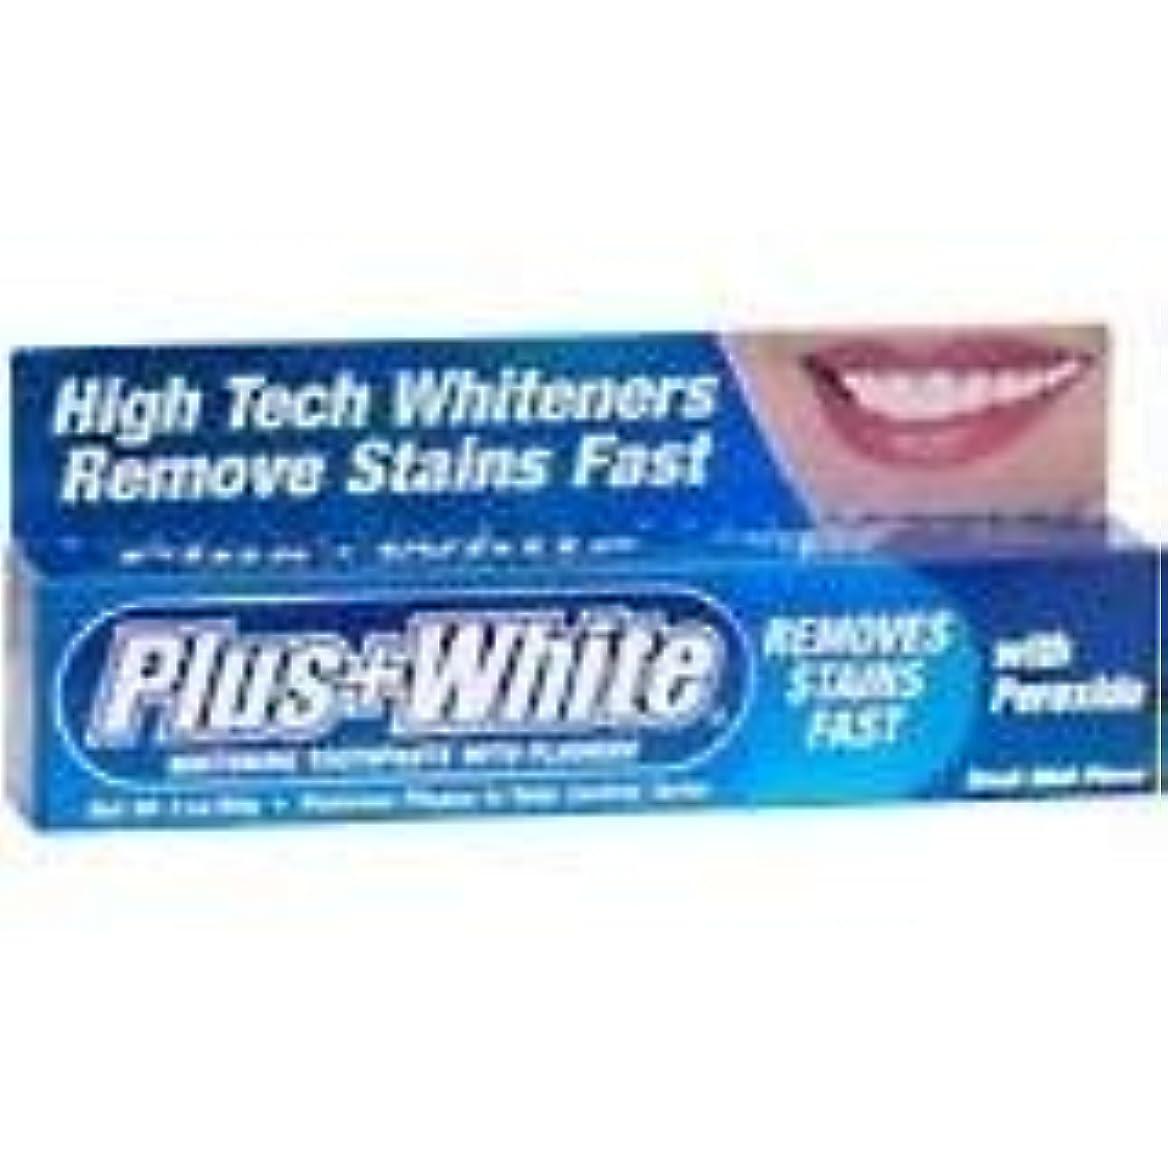 アンケート食物フェデレーションPlus White 過酸化物とエクストラホワイトニング歯磨き(1パック)